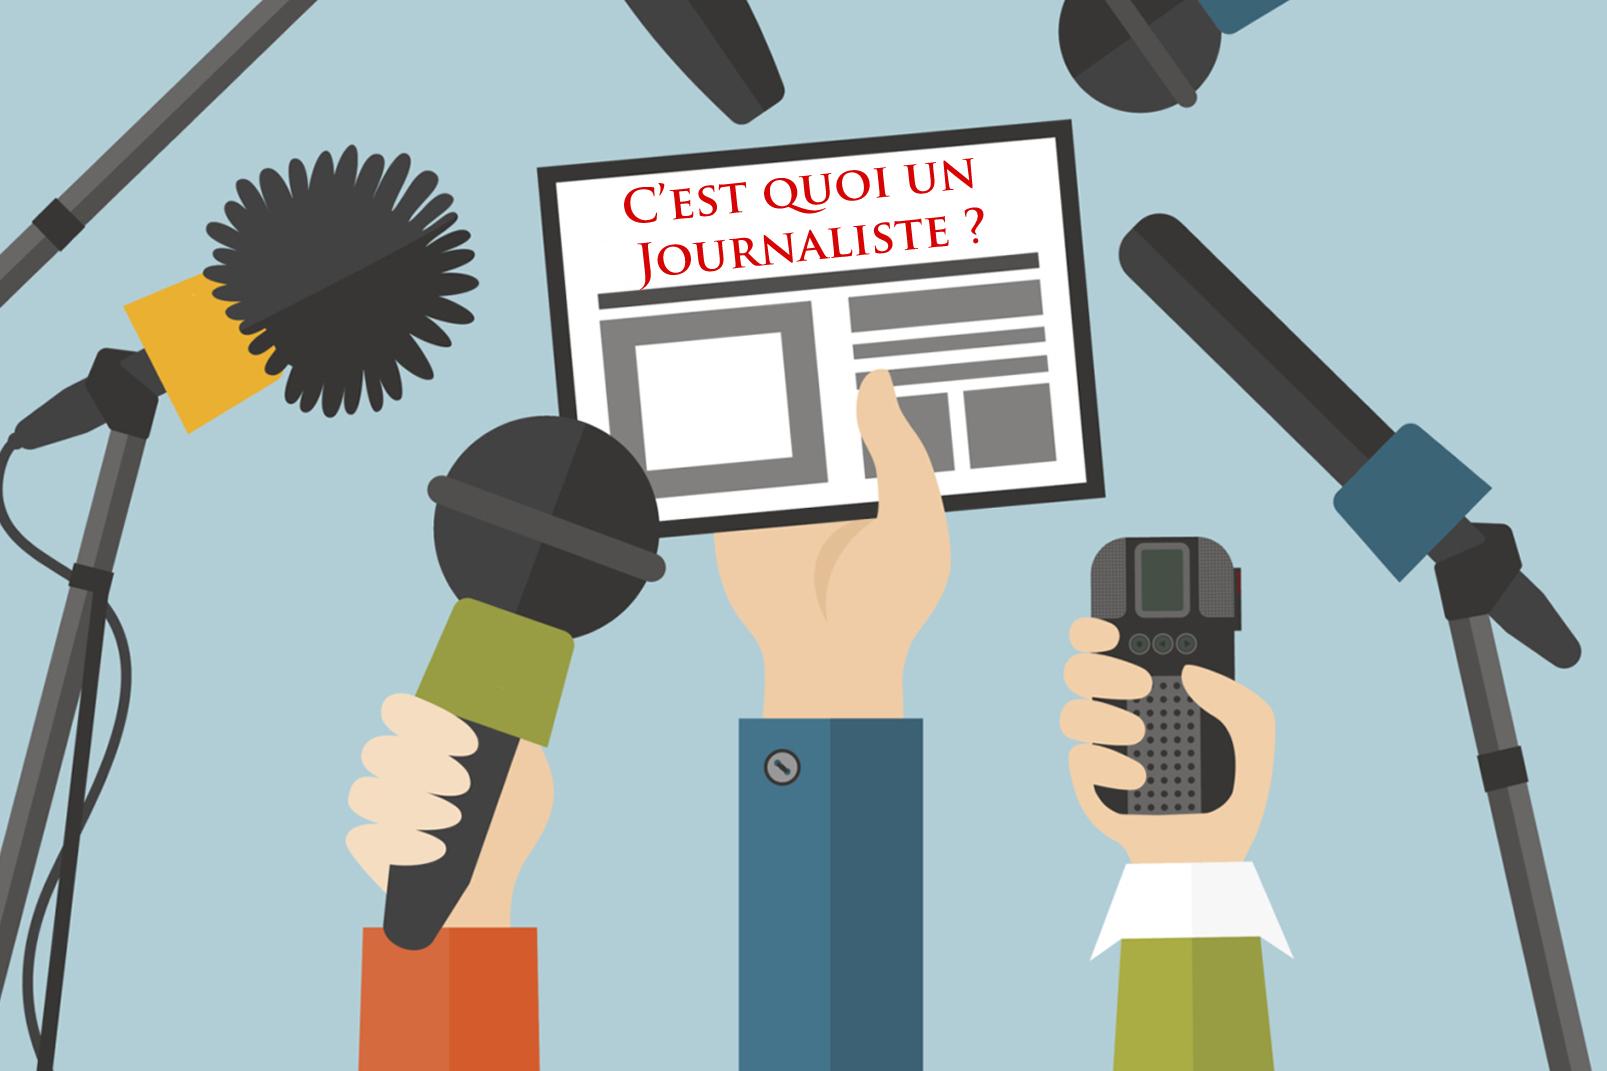 RDC : Un journaliste est une personne qui recueille, écrit ou distribue des informations.